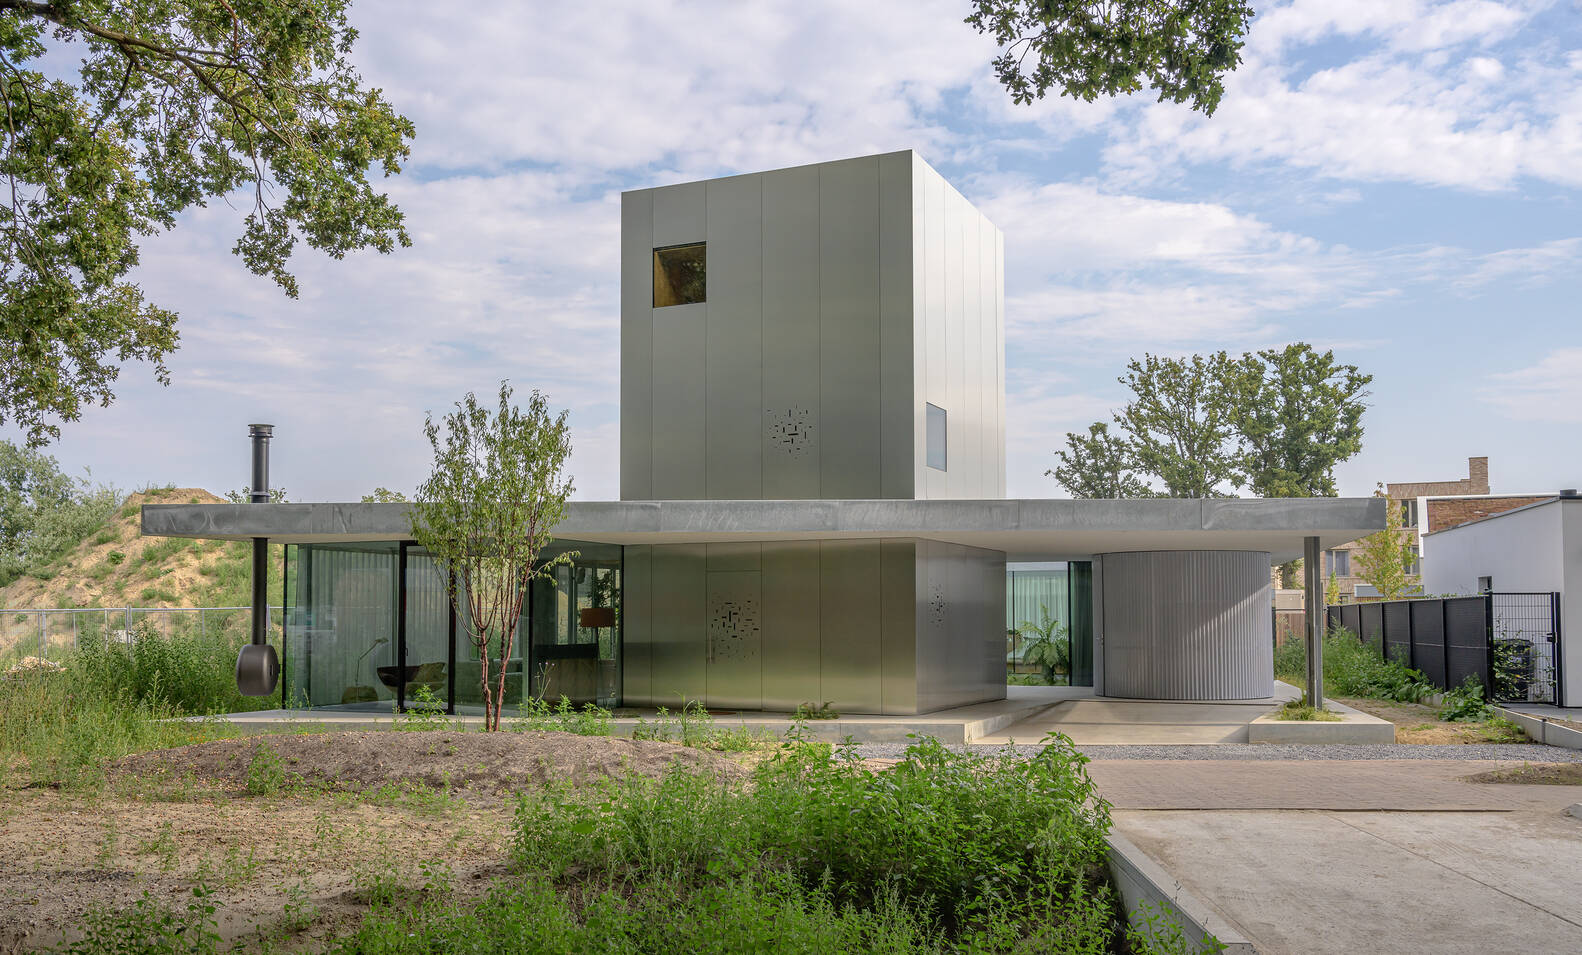 Villa Fifty - Fifty có thiết kế vô cùng ấn tượng ngay từ diện mạo bên ngoài